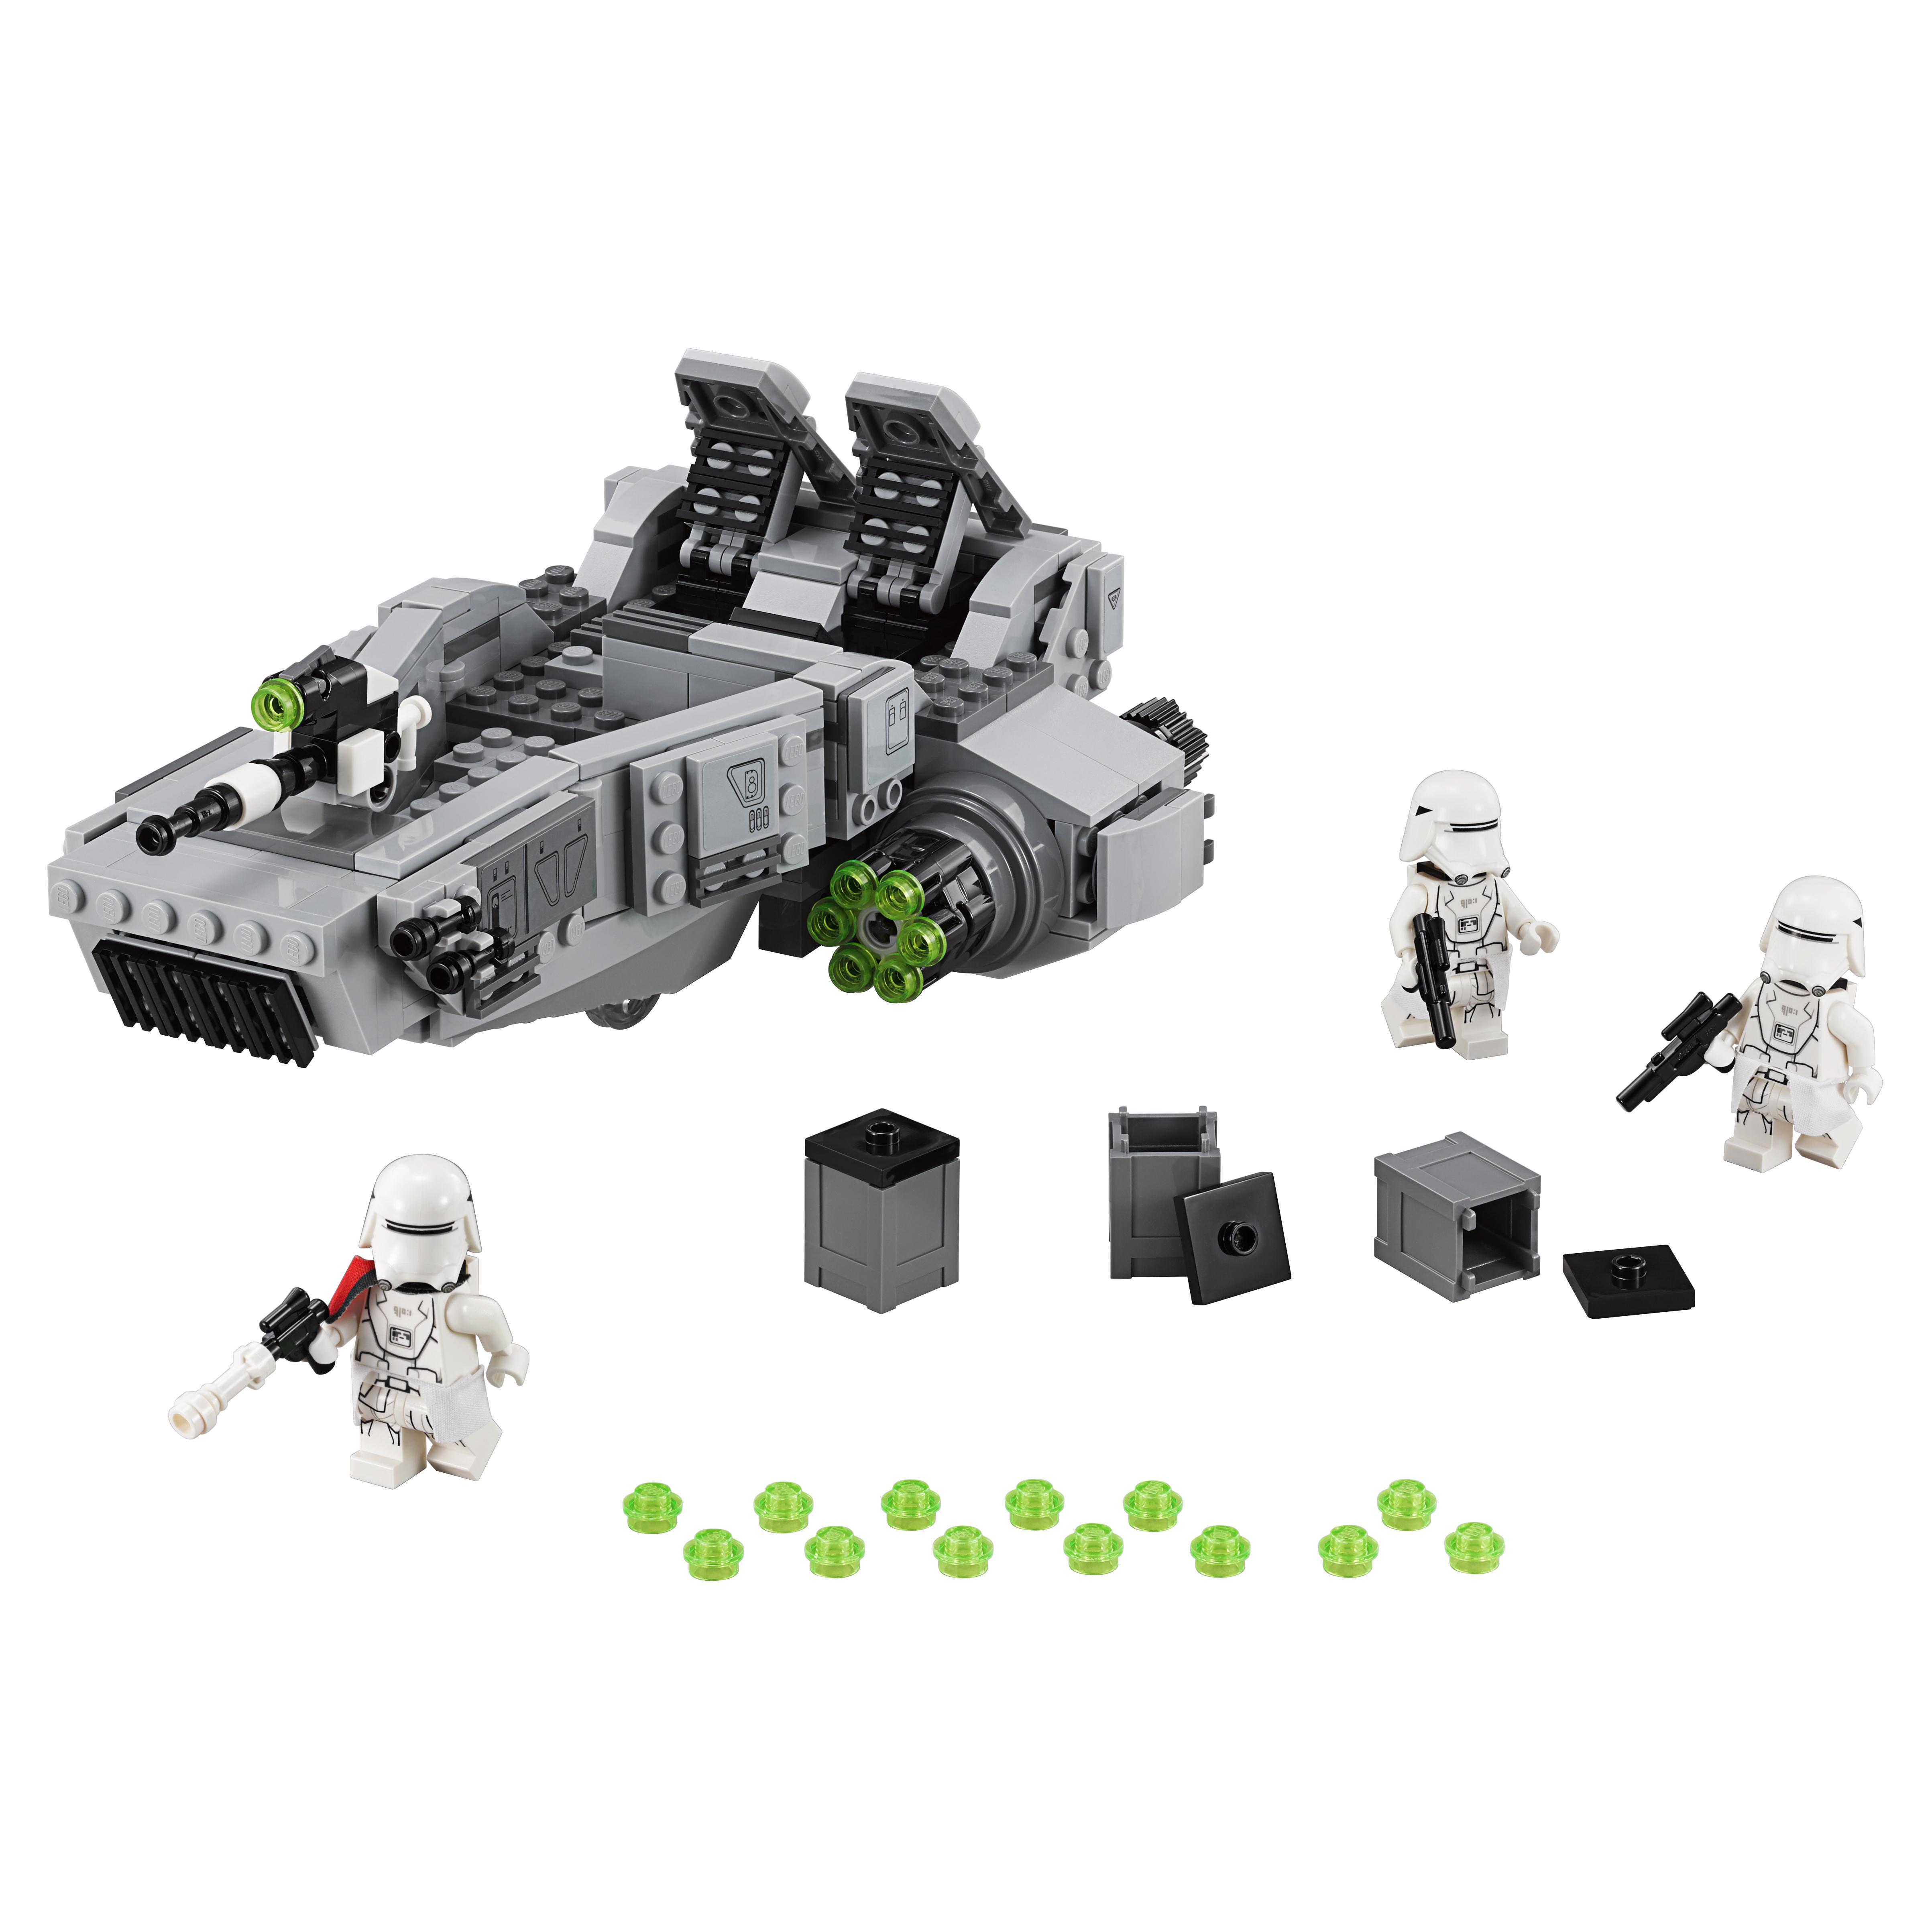 Конструктор LEGO Star Wars Снежный спидер Первого Ордена (First Order Snowspeeder) (75100) конструктор lego star wars снежный спидер первого ордена first o